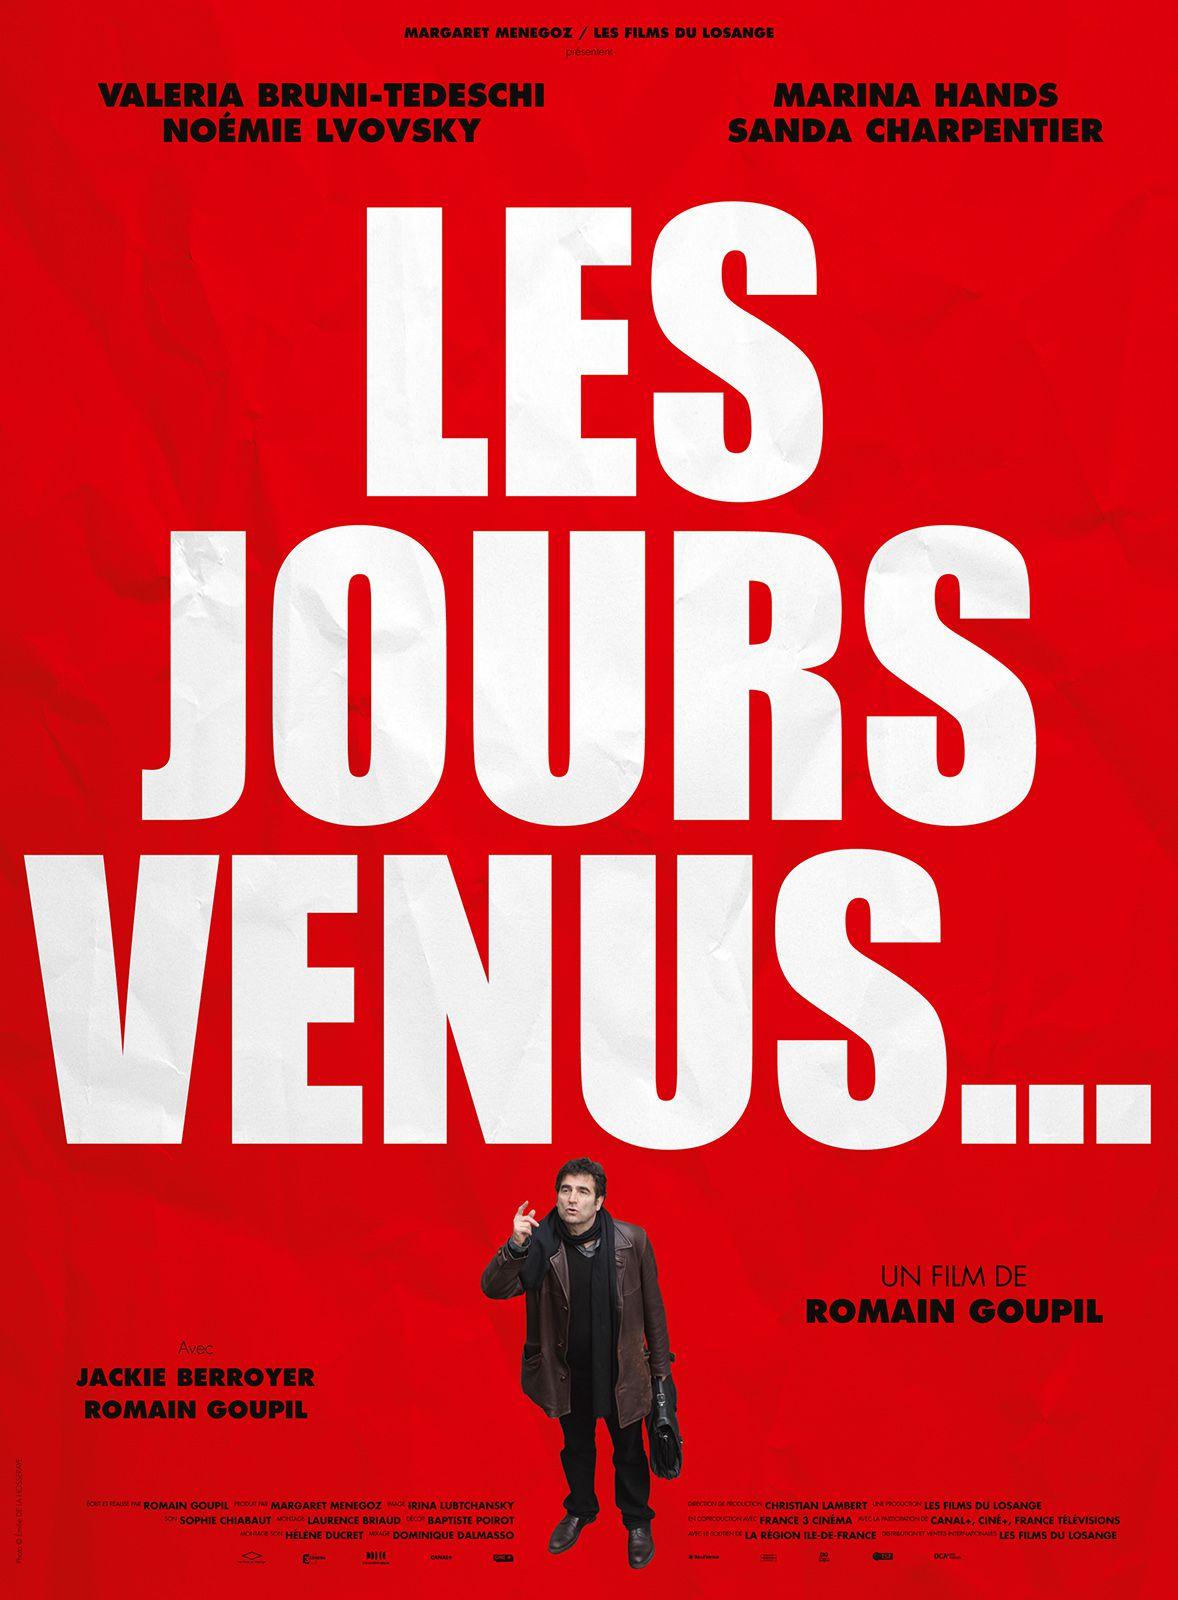 Les Jours venus... - Film (2015)